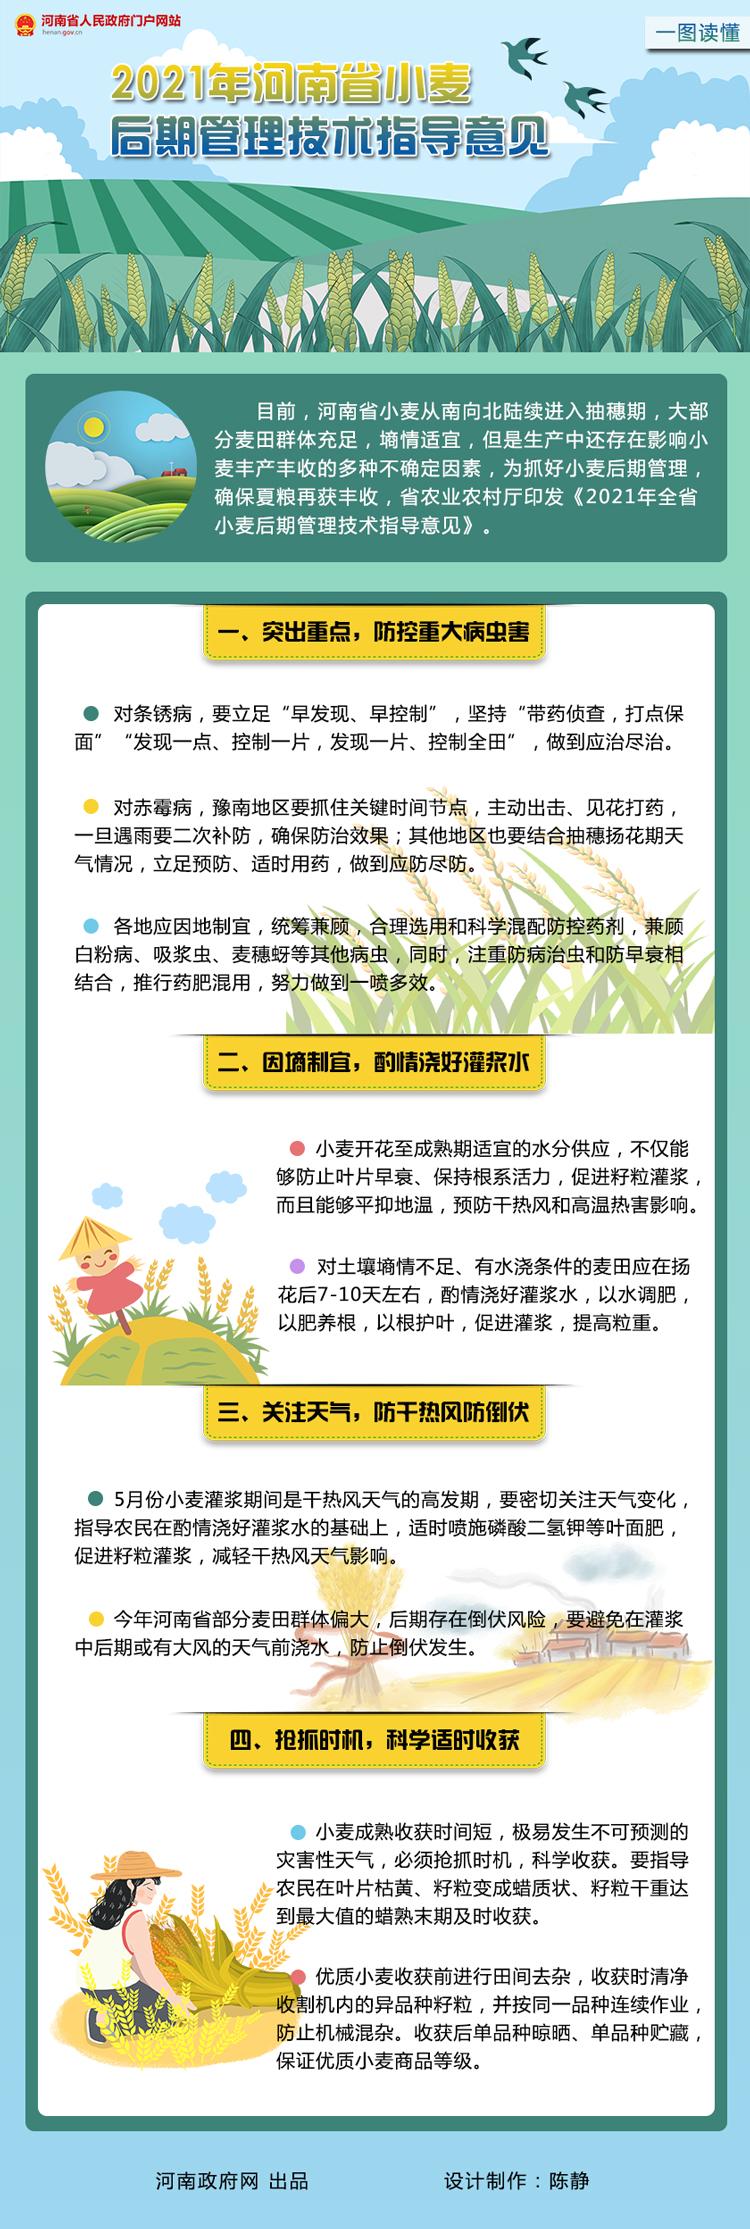 一图读懂:2021年河南省小麦后期管理技术指导意见